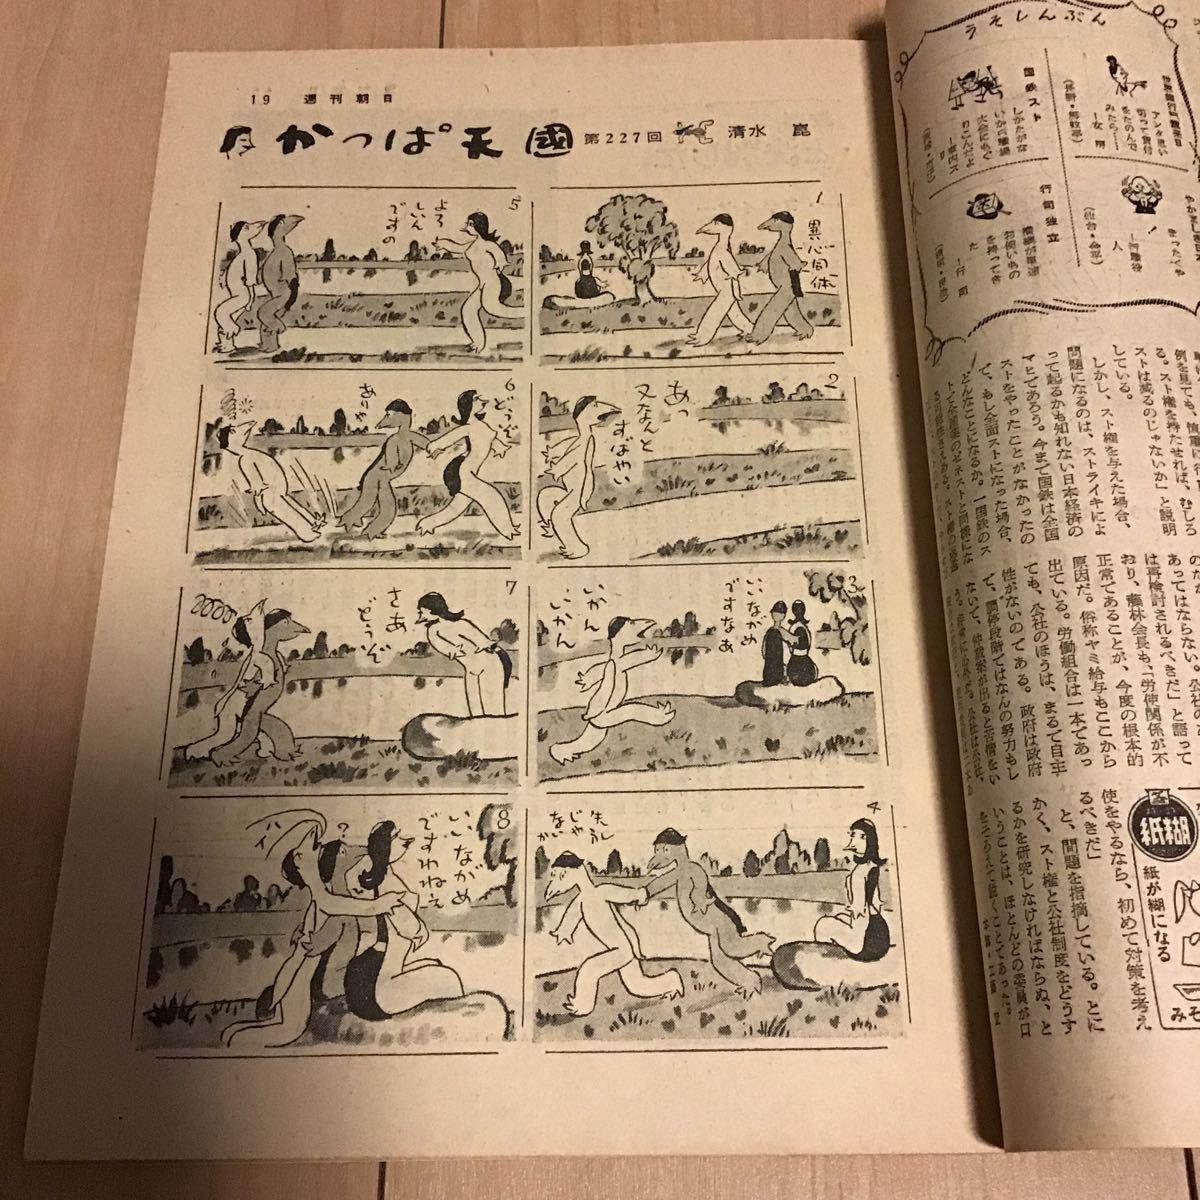 週刊朝日 昭和32年5月26日号 1957年 表紙 荻須高徳 セーヌの釣人 / 牛山喜久子_画像8